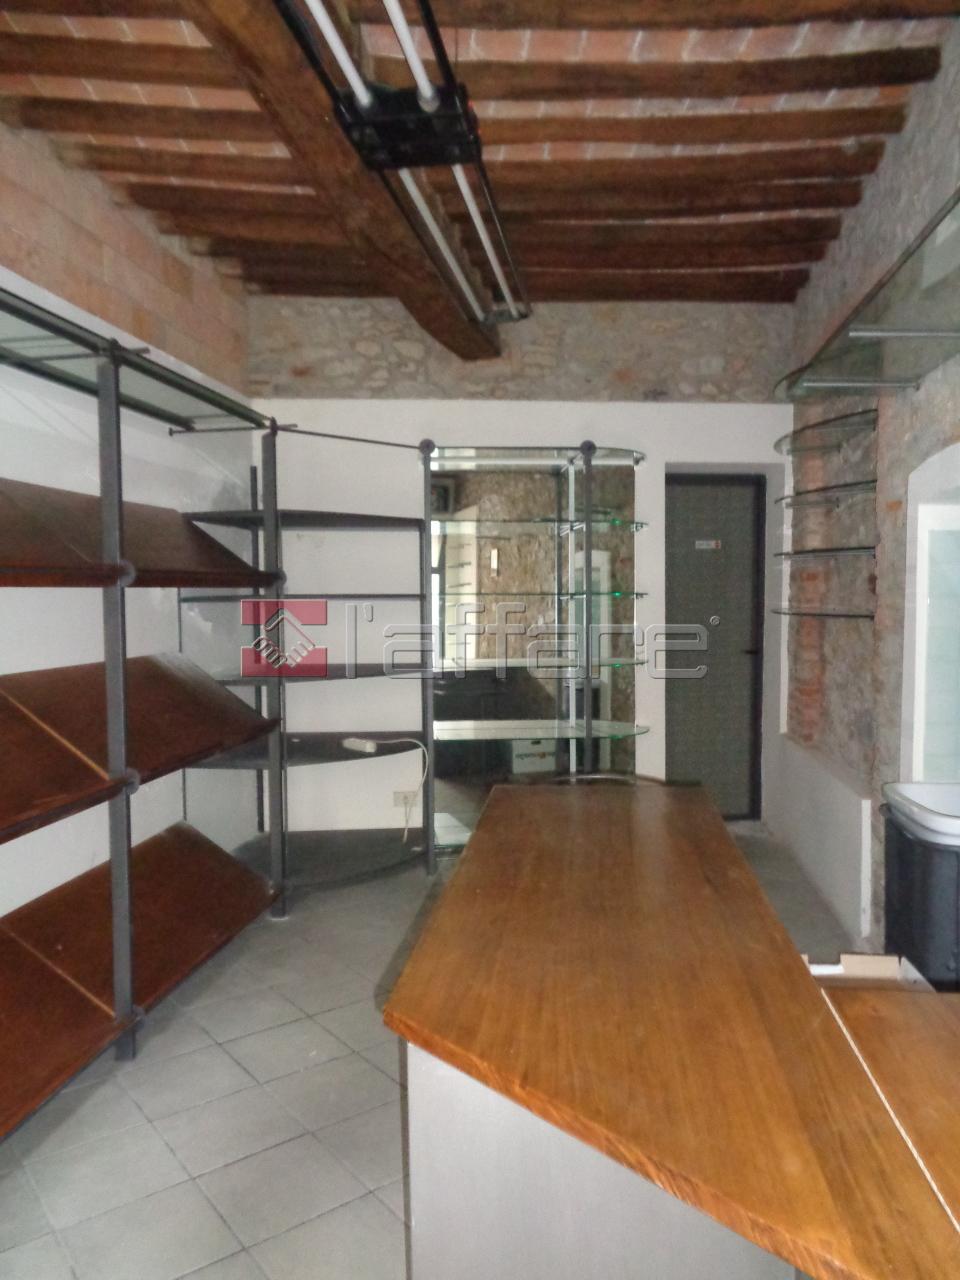 Negozio / Locale in affitto a Terricciola, 1 locali, prezzo € 250 | CambioCasa.it